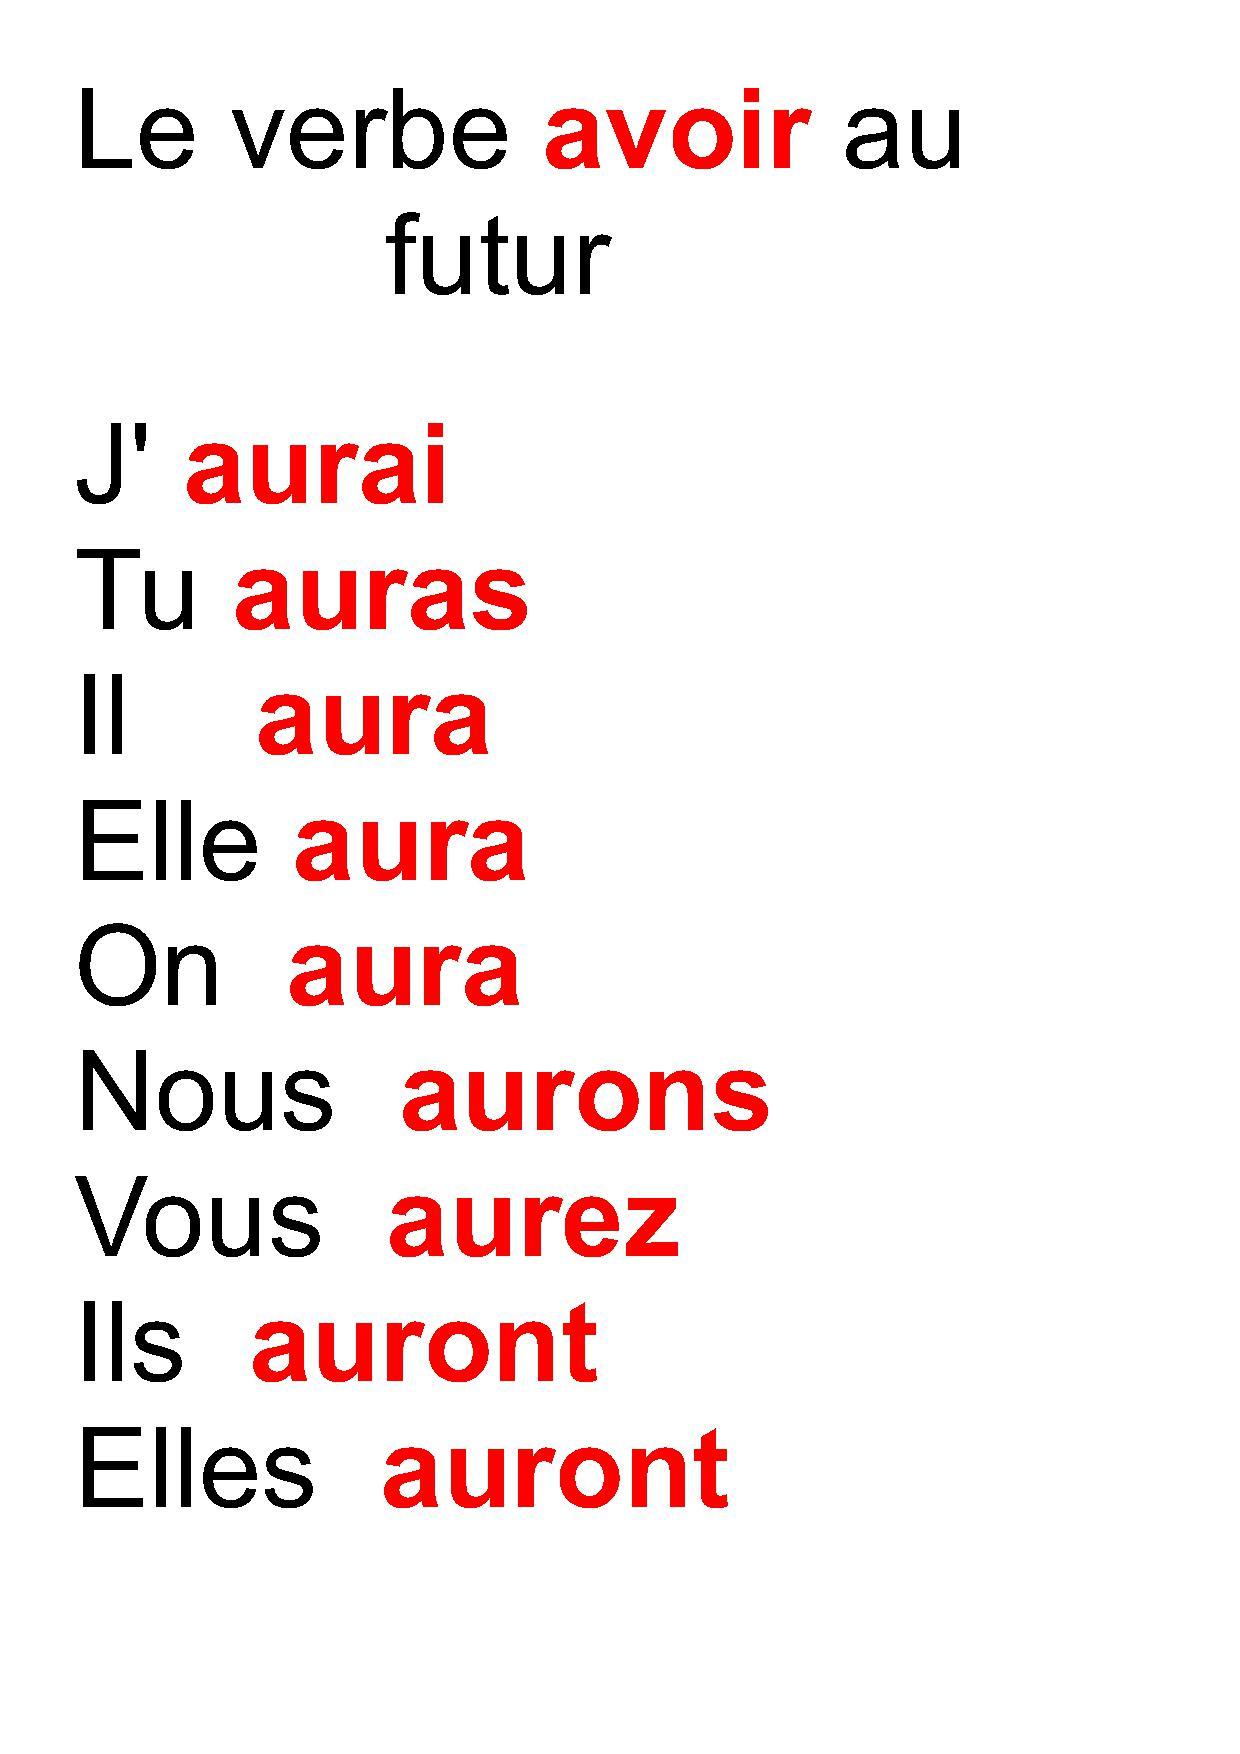 conjugaison des verbes au futur exercices verbes au futur. Black Bedroom Furniture Sets. Home Design Ideas